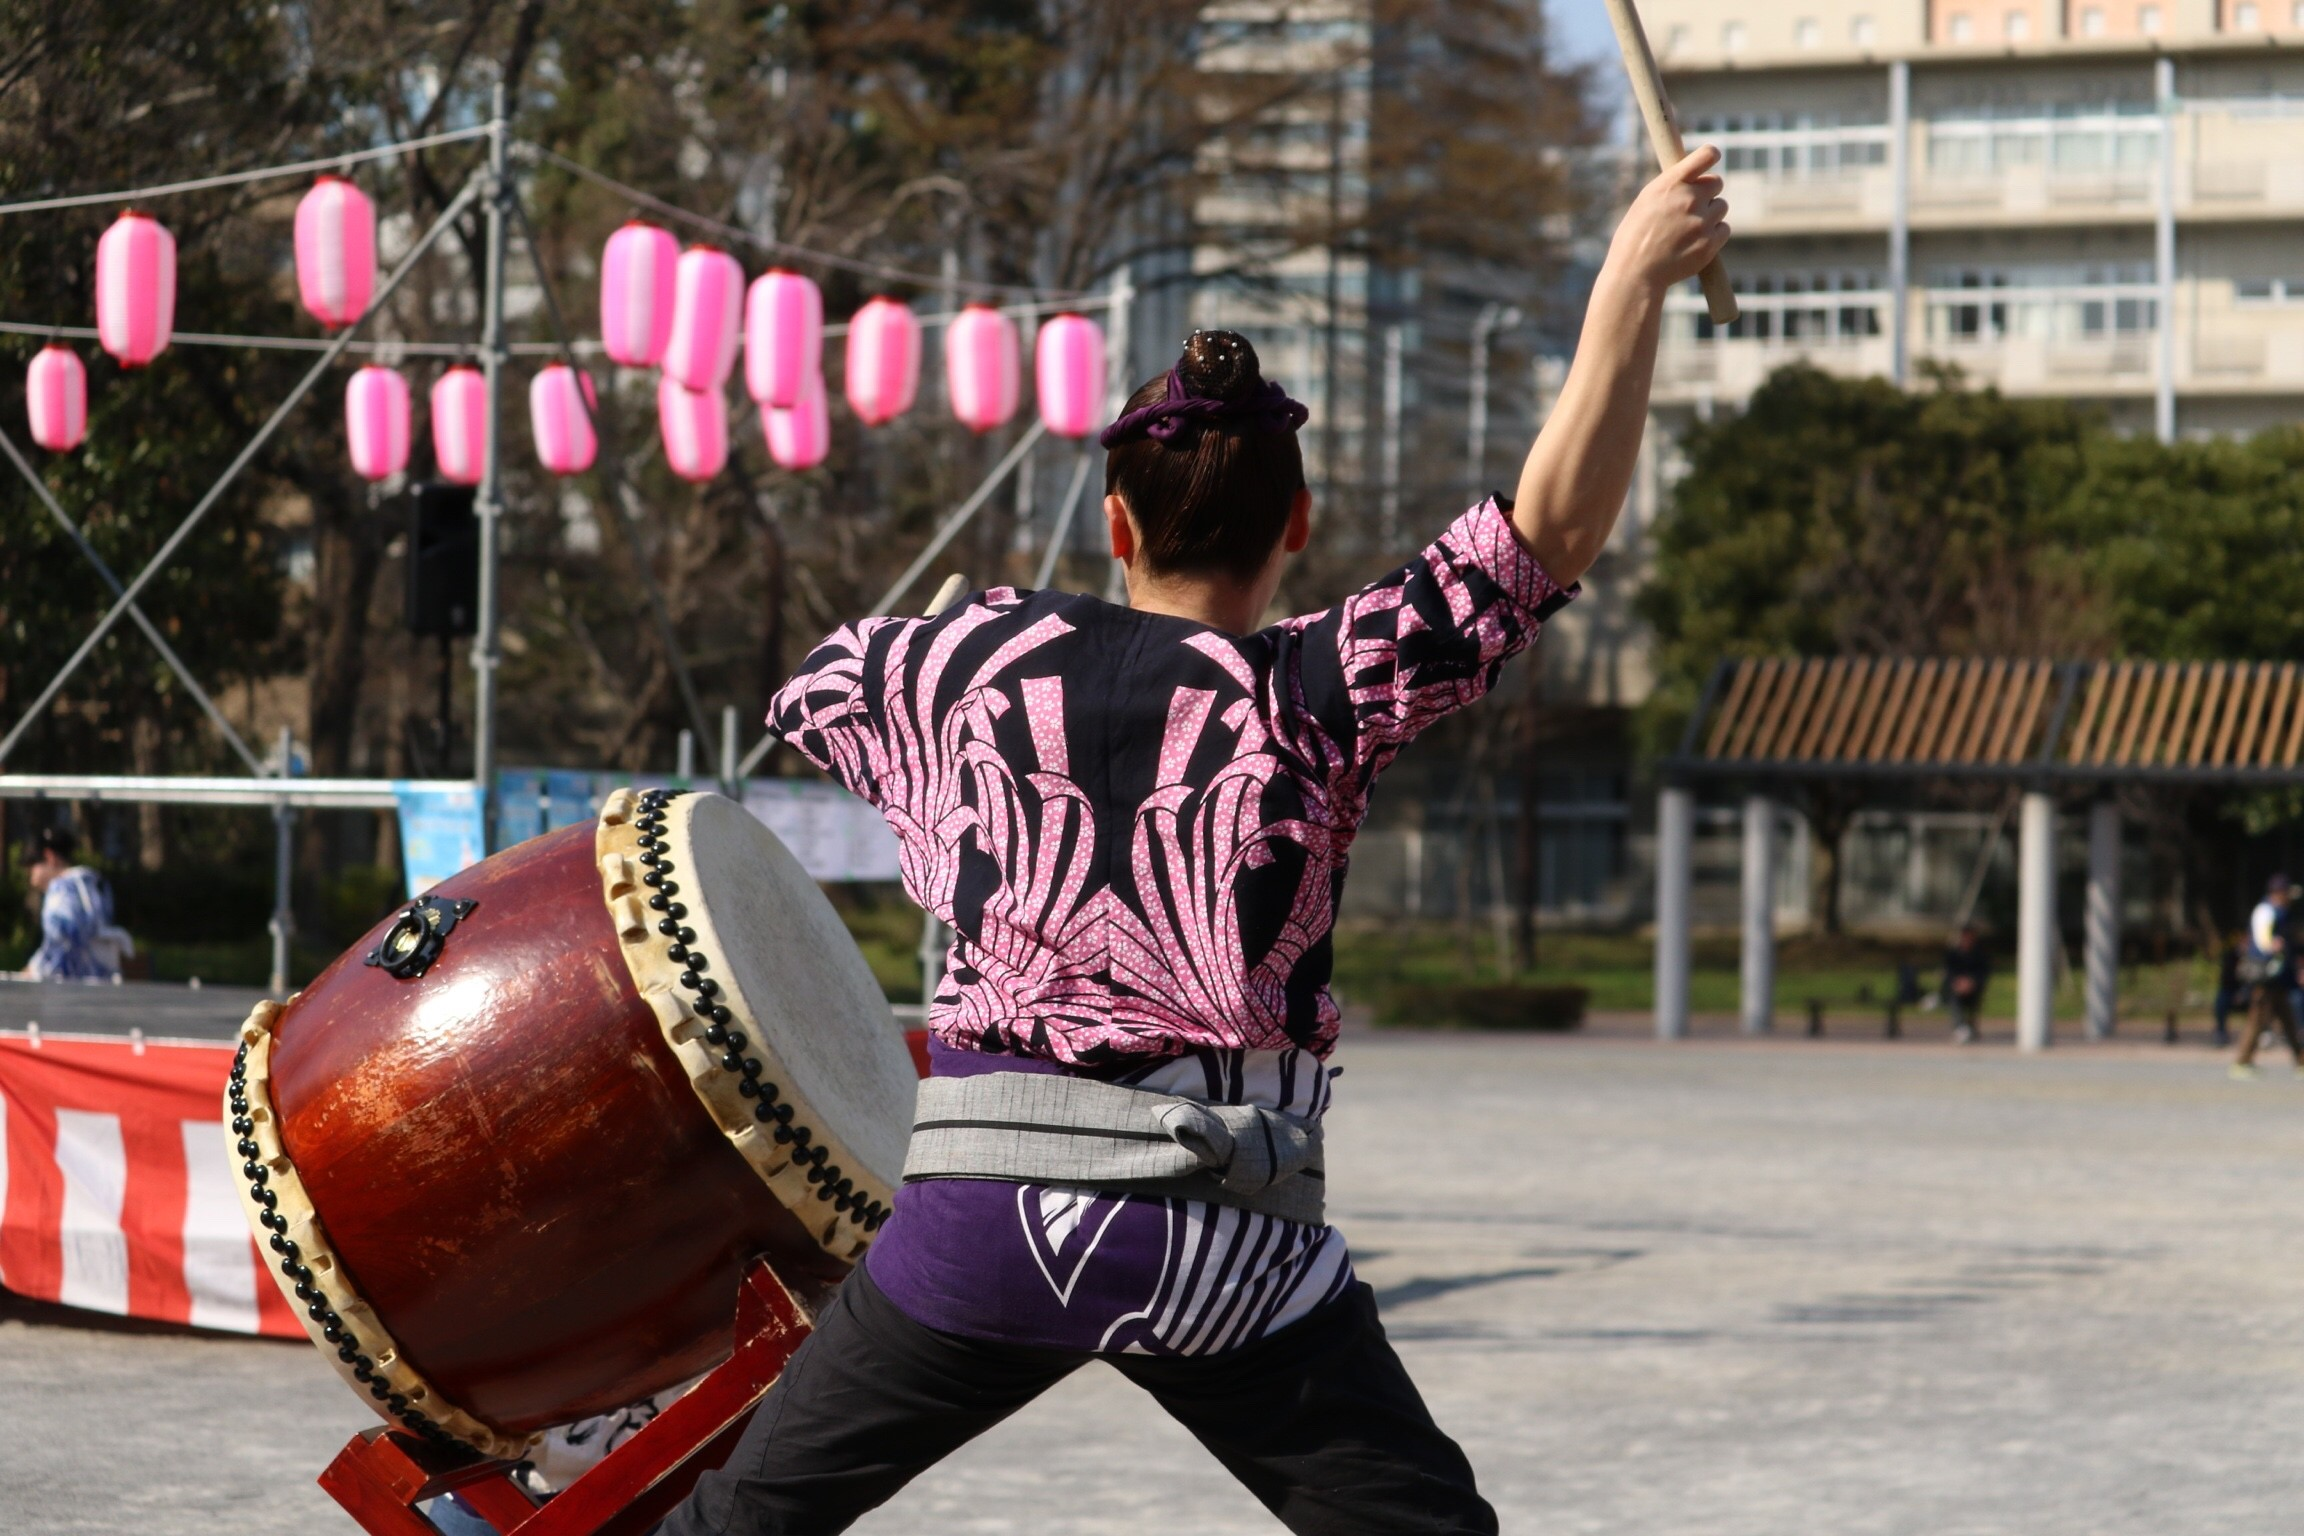 2018/03/25 芝公園盆踊り大会_180325_0087